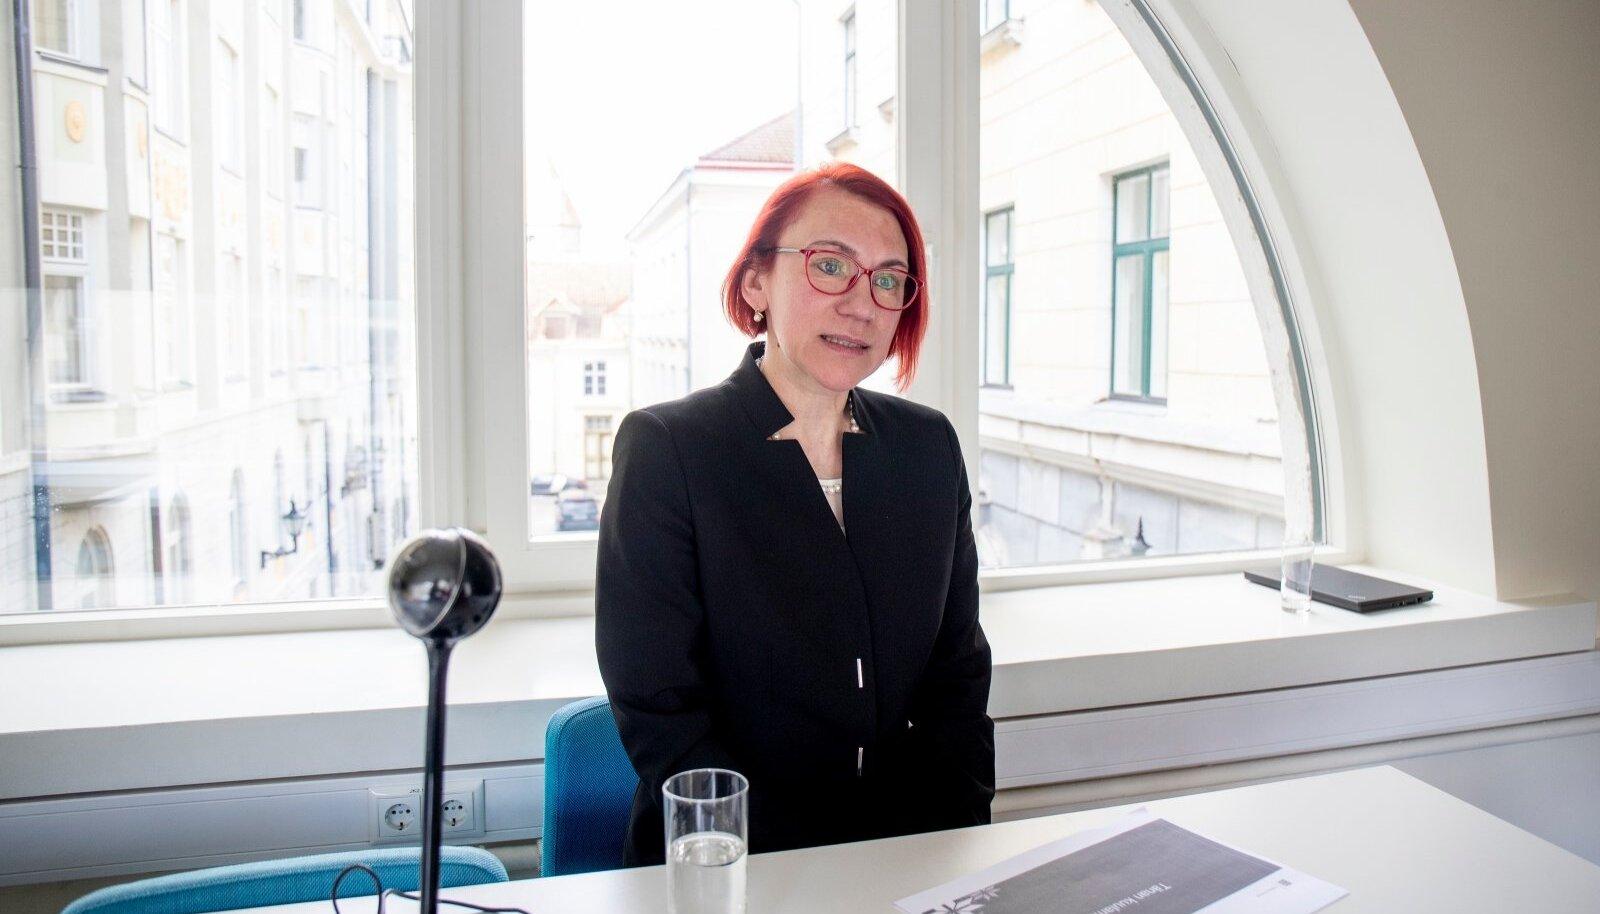 Siseministeeriumi kodakondsus- ja rändepoliitika osakonna juhataja Ruth Annus ütleb, et e-residentide hulgas on palju n-ö fänne, kes tutvustavad oma staatusega Eestit ja e-residentsust.